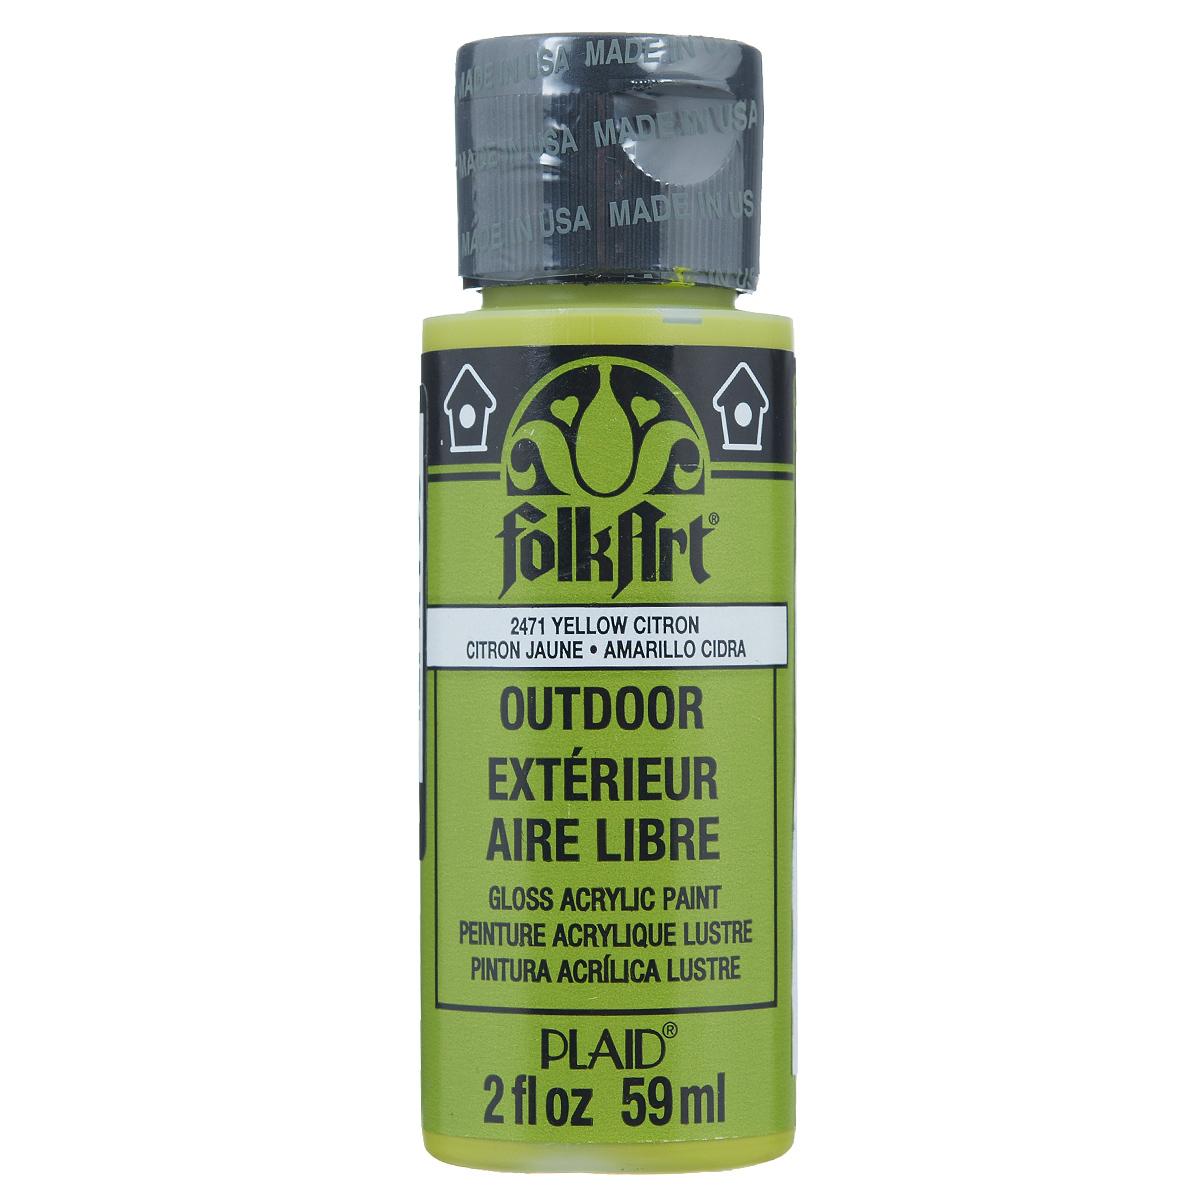 ��������� ������ FolkArt Outdoor, ����: ���������, 59 �� - FolkArtPLD-02471��������� ������ FolkArt Outdoor ������������� ��� ��������� ��� ��������� �� �������, ������, �������� ��������, �������, �����. ��������� � �������� � ���������������� ������������. ������ FolkArt Outdoor �� ��������� � �������������� �������� ����������. ����� ��������� ����� ��������� ���. ����� ��������� - 48 �����. �� ��������� ������ ����� ���� ����� ����� � �����. �����: 59 ��.